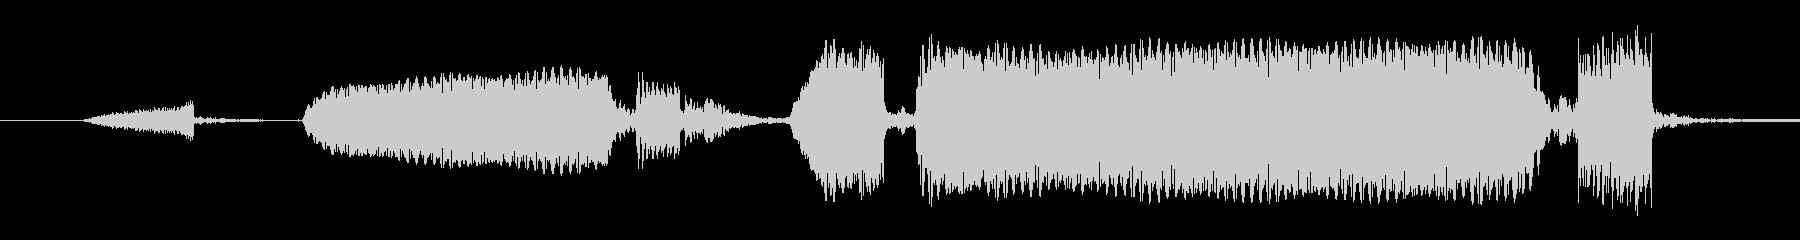 ビープ音04の未再生の波形